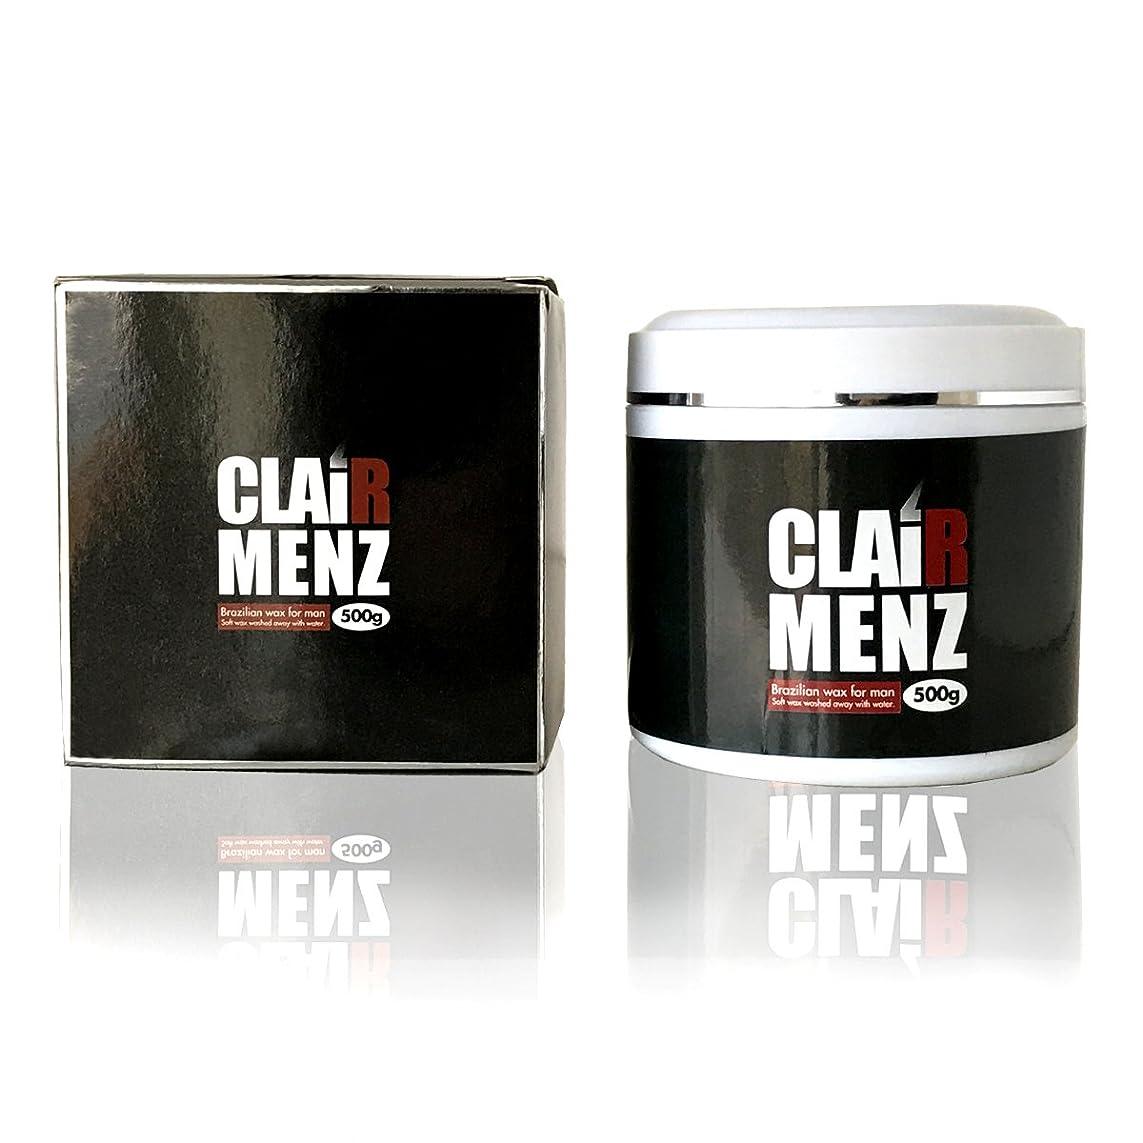 パワーセル勉強する慢なブラジリアンワックス メンズ専用 clair Menz wax 500g(単品) メンズ脱毛専用ラベル 無添加ワックス 脱毛ワックス